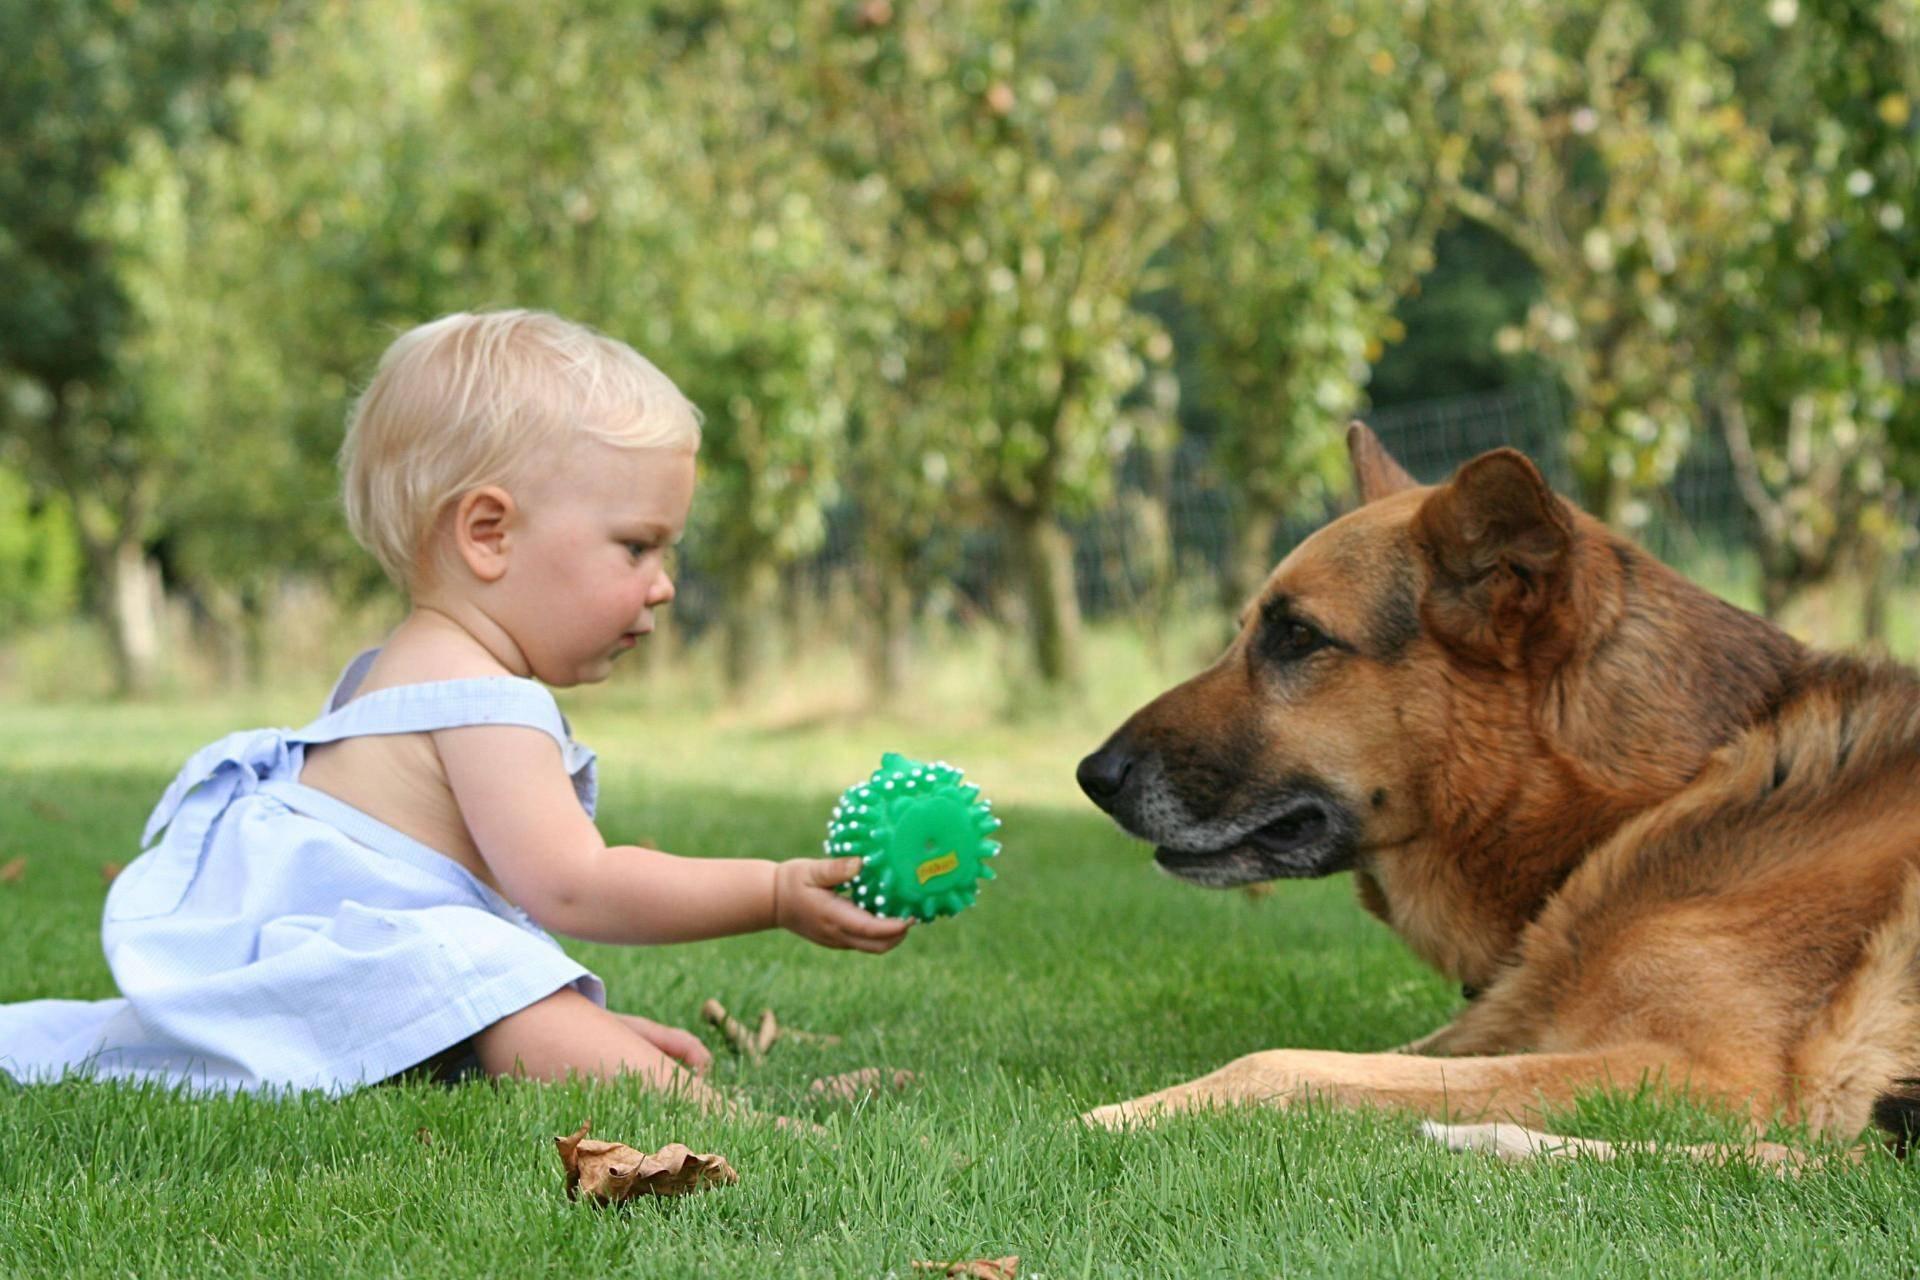 Собака для ребенка: лучшие породы для детей, рекомендации 1